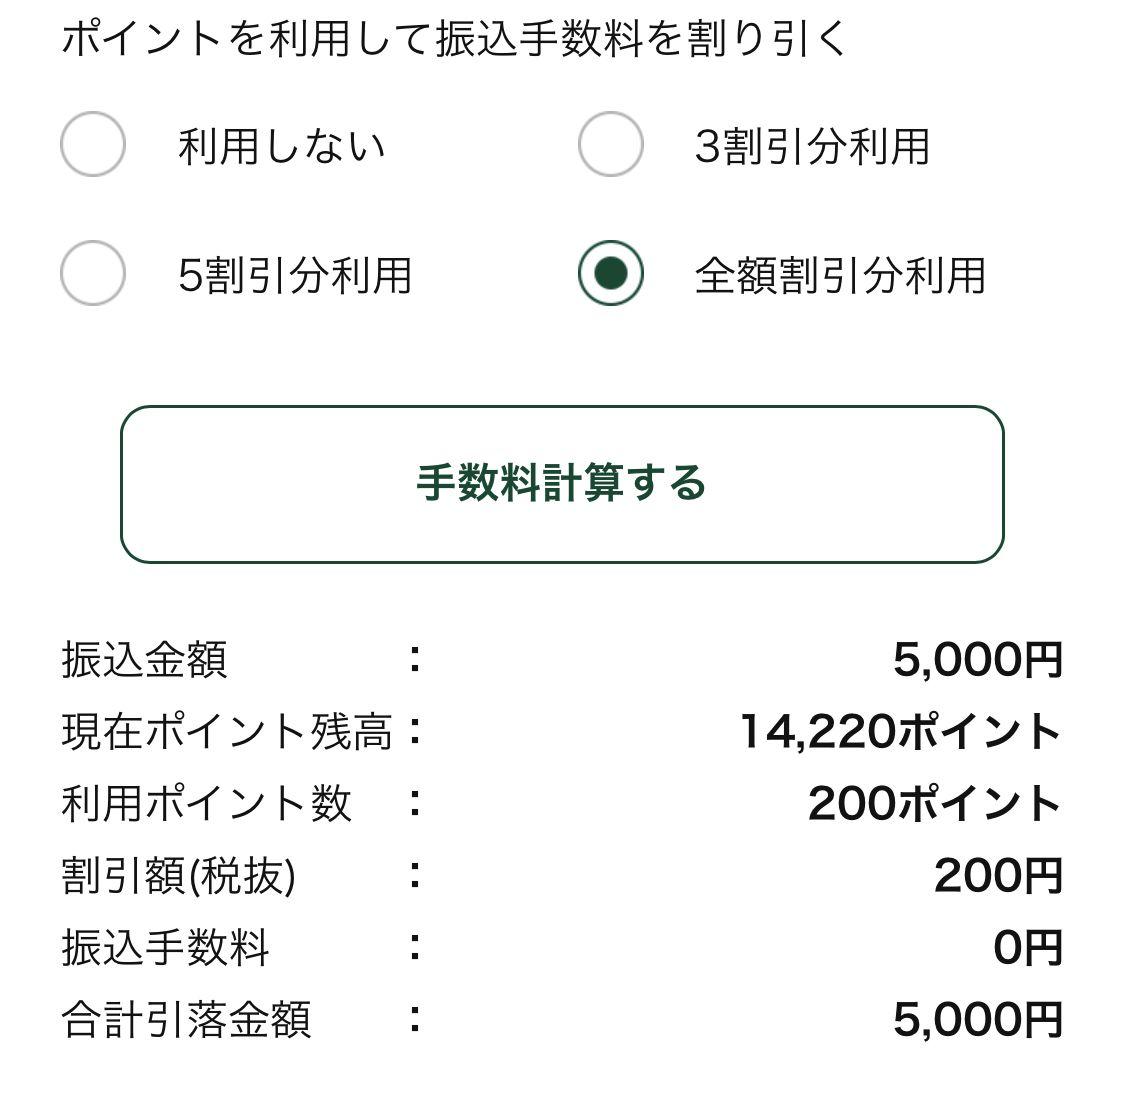 振込 手数料 三井 住友 銀行